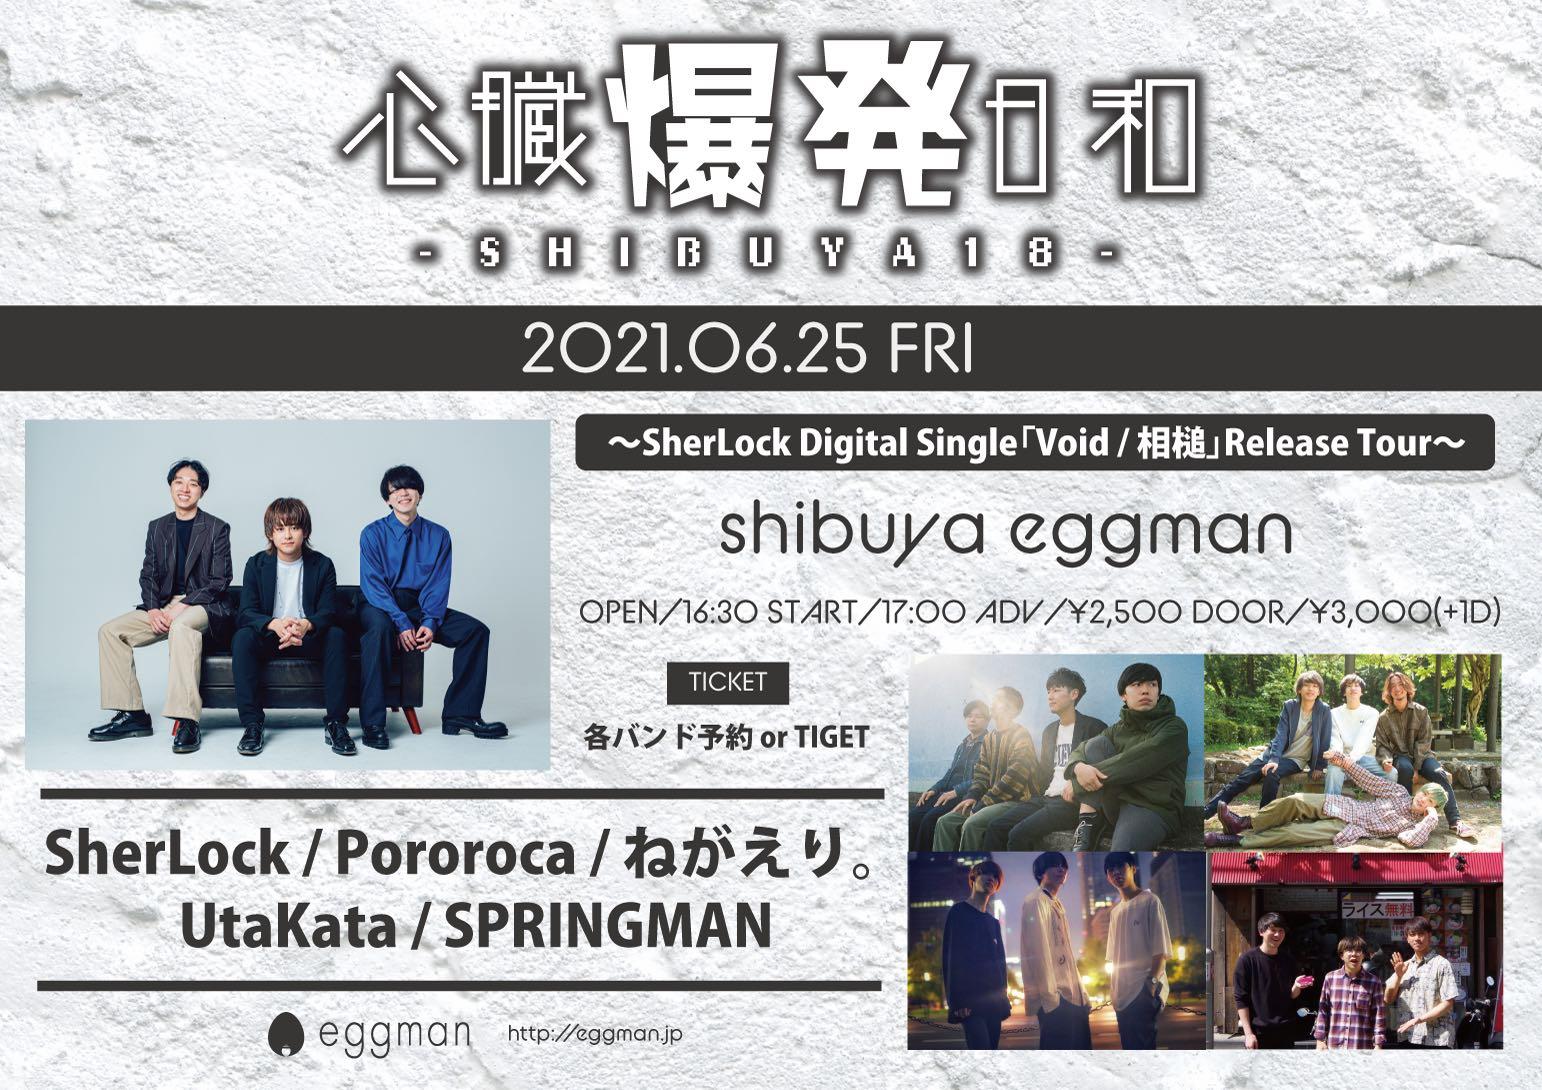 心臓爆発日和 -SHIBUYA18- 〜SherLock「Void / 相槌」Release Tour〜